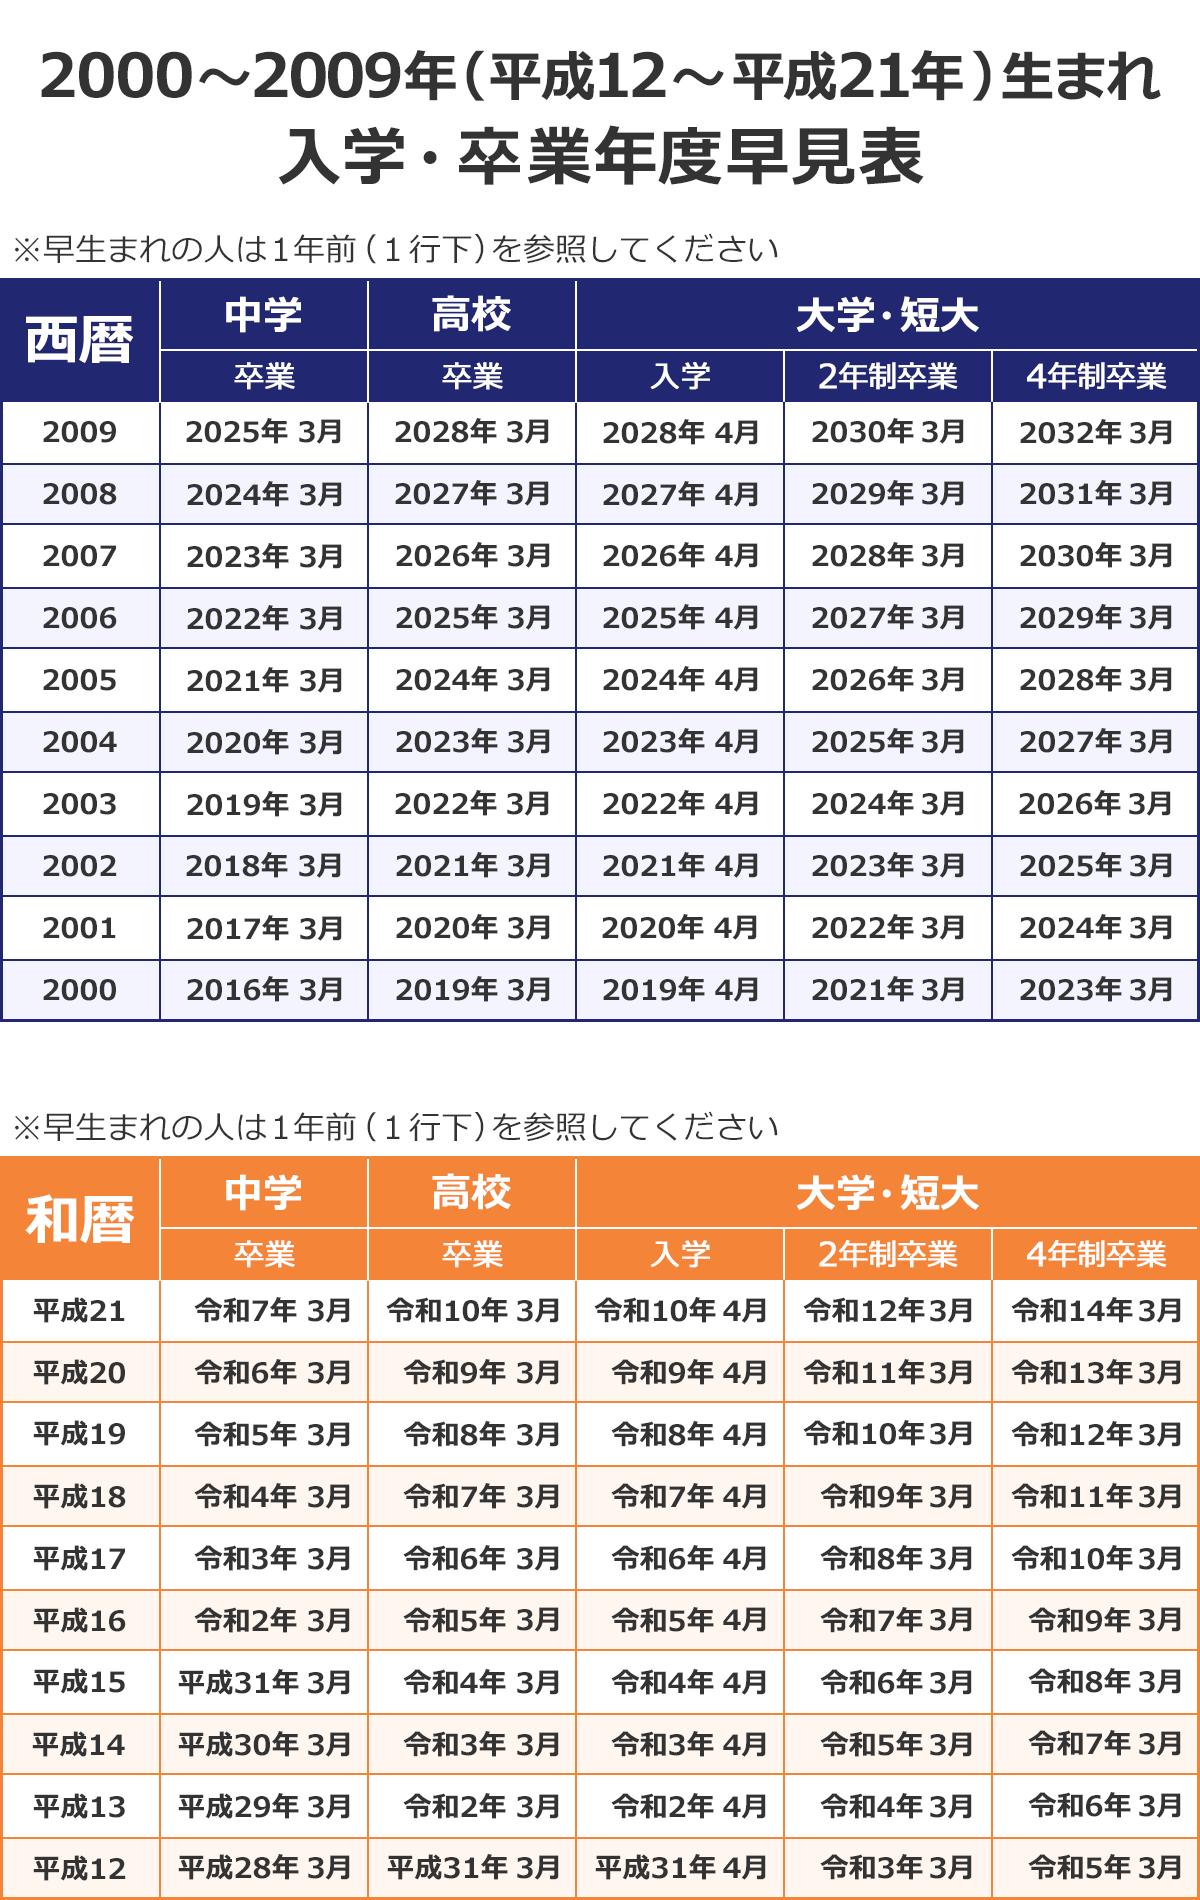 【2000~2009年(平成12~平成21年)生まれ 入学・卒業年度早見表】(※早生まれの人は1年前(1行下)を参照してください)(西暦/中学卒業/高校卒業/大学・短大入学/2年制卒業/4年制卒業): 2009/2025年3月/2028年3月/2028年4月/2030年3月/2032年3月 |2008/2024年3月/2027年3月/2027年4月/2029年3月/2031年3月 |2007/2023年3月/2026年3月/2026年4月/2028年3月/2030年3月 |2006/2022年3月/2025年3月/2025年4月/2027年3月/2029年3月 |2005/2021年3月/2024年3月/2024年4月/2026年3月/2028年3月 |2004/2020年3月/2023年3月/2023年4月/2025年3月/2027年3月 |2003/2019年3月/2022年3月/2022年4月/2024年3月/2026年3月 |2002/2018年3月/2021年3月/2021年4月/2023年3月/2025年3月 |2001/2017年3月/2020年3月/2020年4月/2022年3月/2024年3月 |2000/2016年3月/2019年3月/2019年4月/2021年3月/2023年3月 (和暦/中学卒業/高校卒業/大学・短大入学/2年制卒業/4年制卒業): 平成21/令和7年3月/令和10年3月/令和10年4月/令和12年3月/令和14年3月 |平成20/令和6年3月/令和9年3月/令和9年4月/令和11年3月/令和13年3月 |平成19/令和5年3月/令和8年3月/令和8年4月/令和10年3月/令和12年3月 |平成18/令和4年3月/令和7年3月/令和7年4月/令和9年3月/令和11年3月 |平成17/令和3年3月/令和6年3月/令和6年4月/令和8年3月/令和10年3月 |平成16/令和2年3月/令和5年3月/令和5年4月/令和7年3月/令和9年3月 |平成15/平成31年3月/令和4年3月/令和4年4月/令和6年3月/令和8年3月 |平成14/平成30年3月/令和3年3月/令和3年4月/令和5年3月/令和7年3月 |平成13/平成29年3月/令和2年3月/令和2年4月/令和4年3月/令和6年3月 |平成12/平成28年3月/平成31年3月/平成31年4月/令和3年3月/令和5年3月